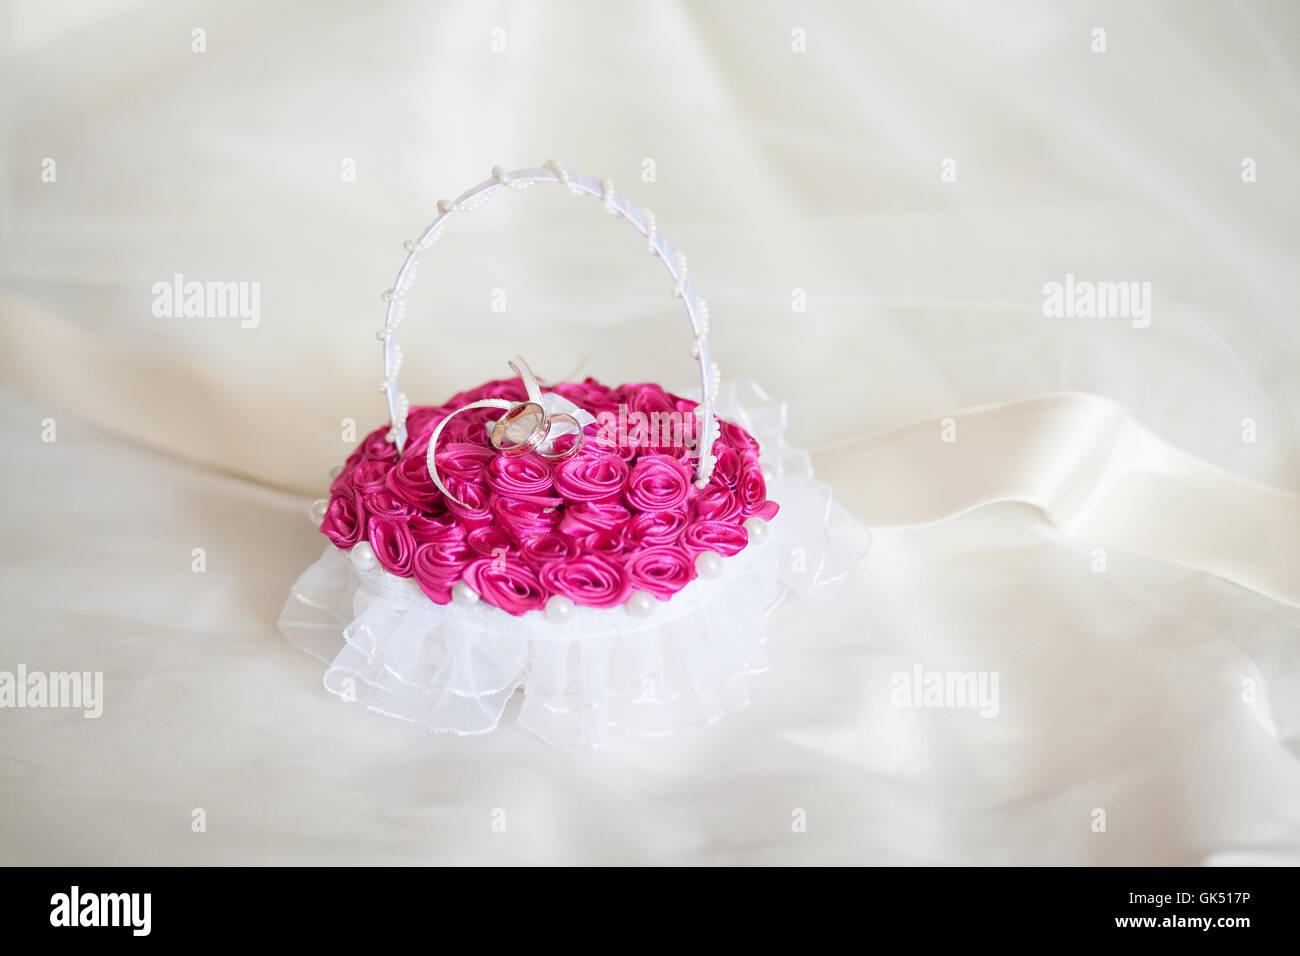 Wedding Ring Pillow Stock Photos & Wedding Ring Pillow Stock Images ...